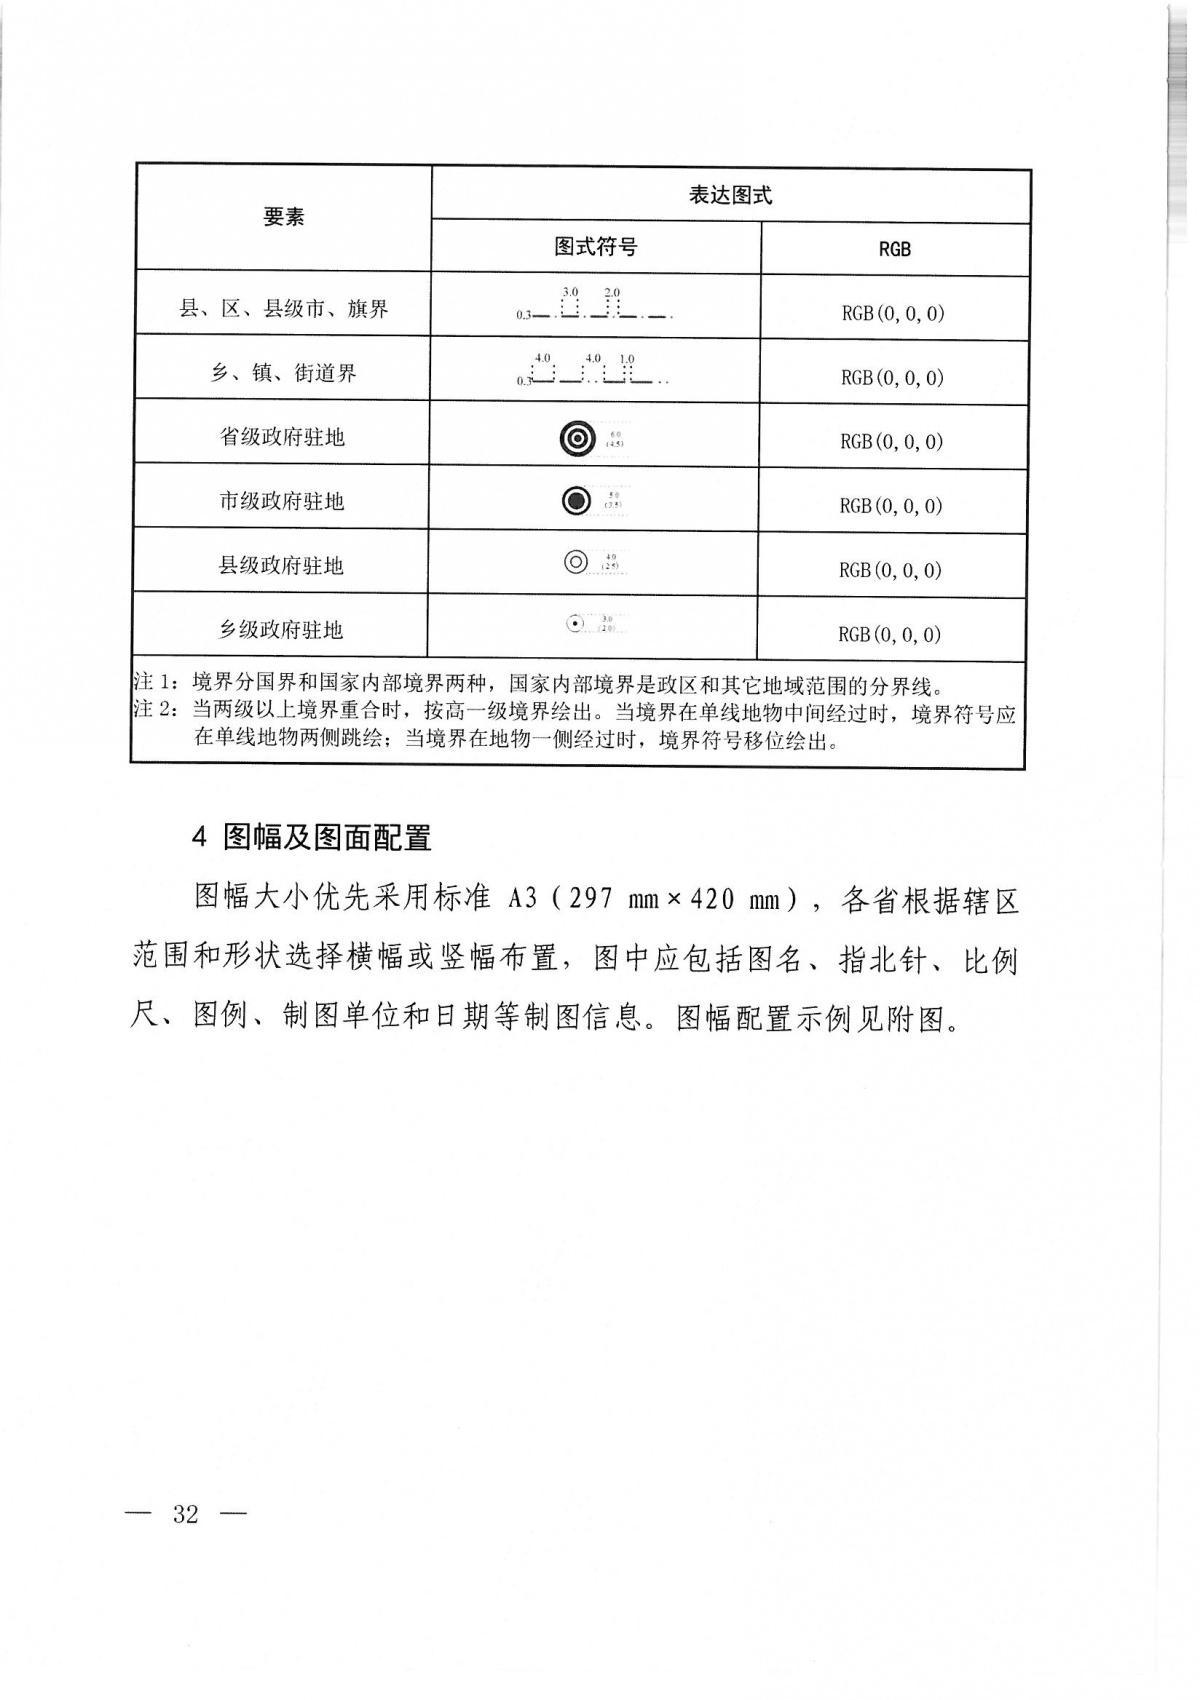 生态保护红线勘界定标技术规程(201908)_页面_30.jpg